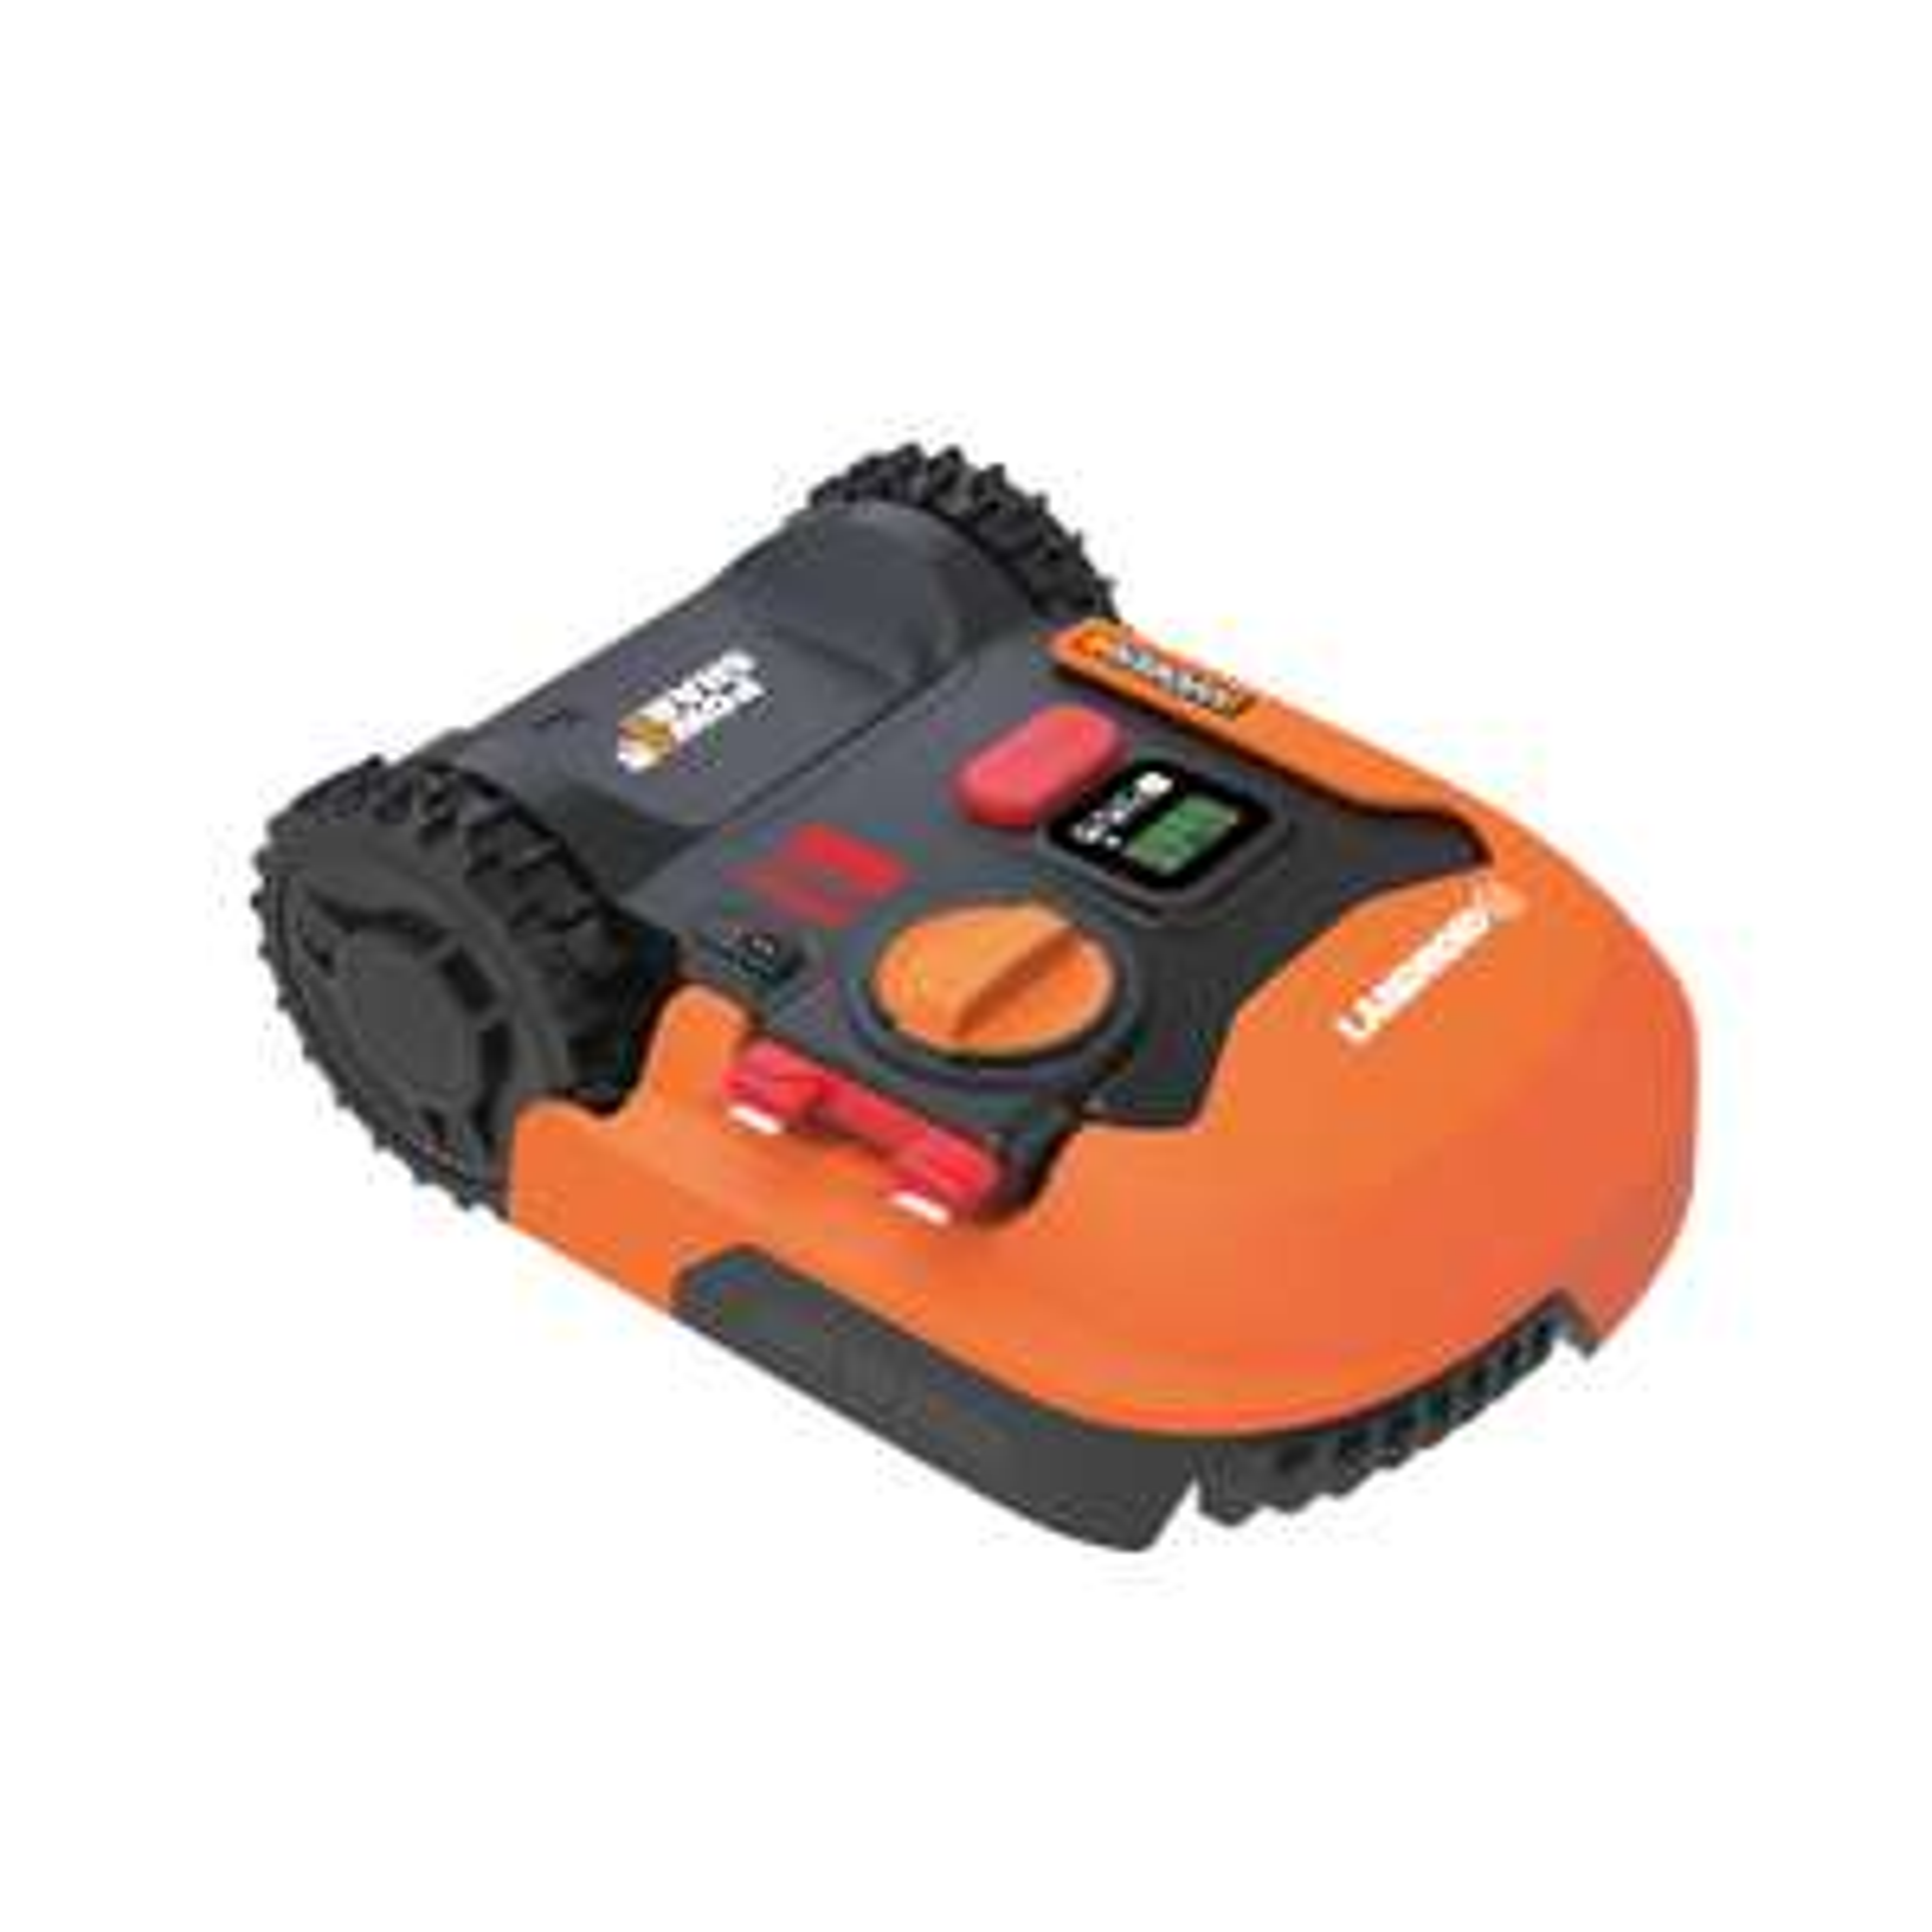 Robot tondeuse Worx Landroid M500 (WR141E) wifi + abri de protection offert - Villeneuve d'Ascq (59)